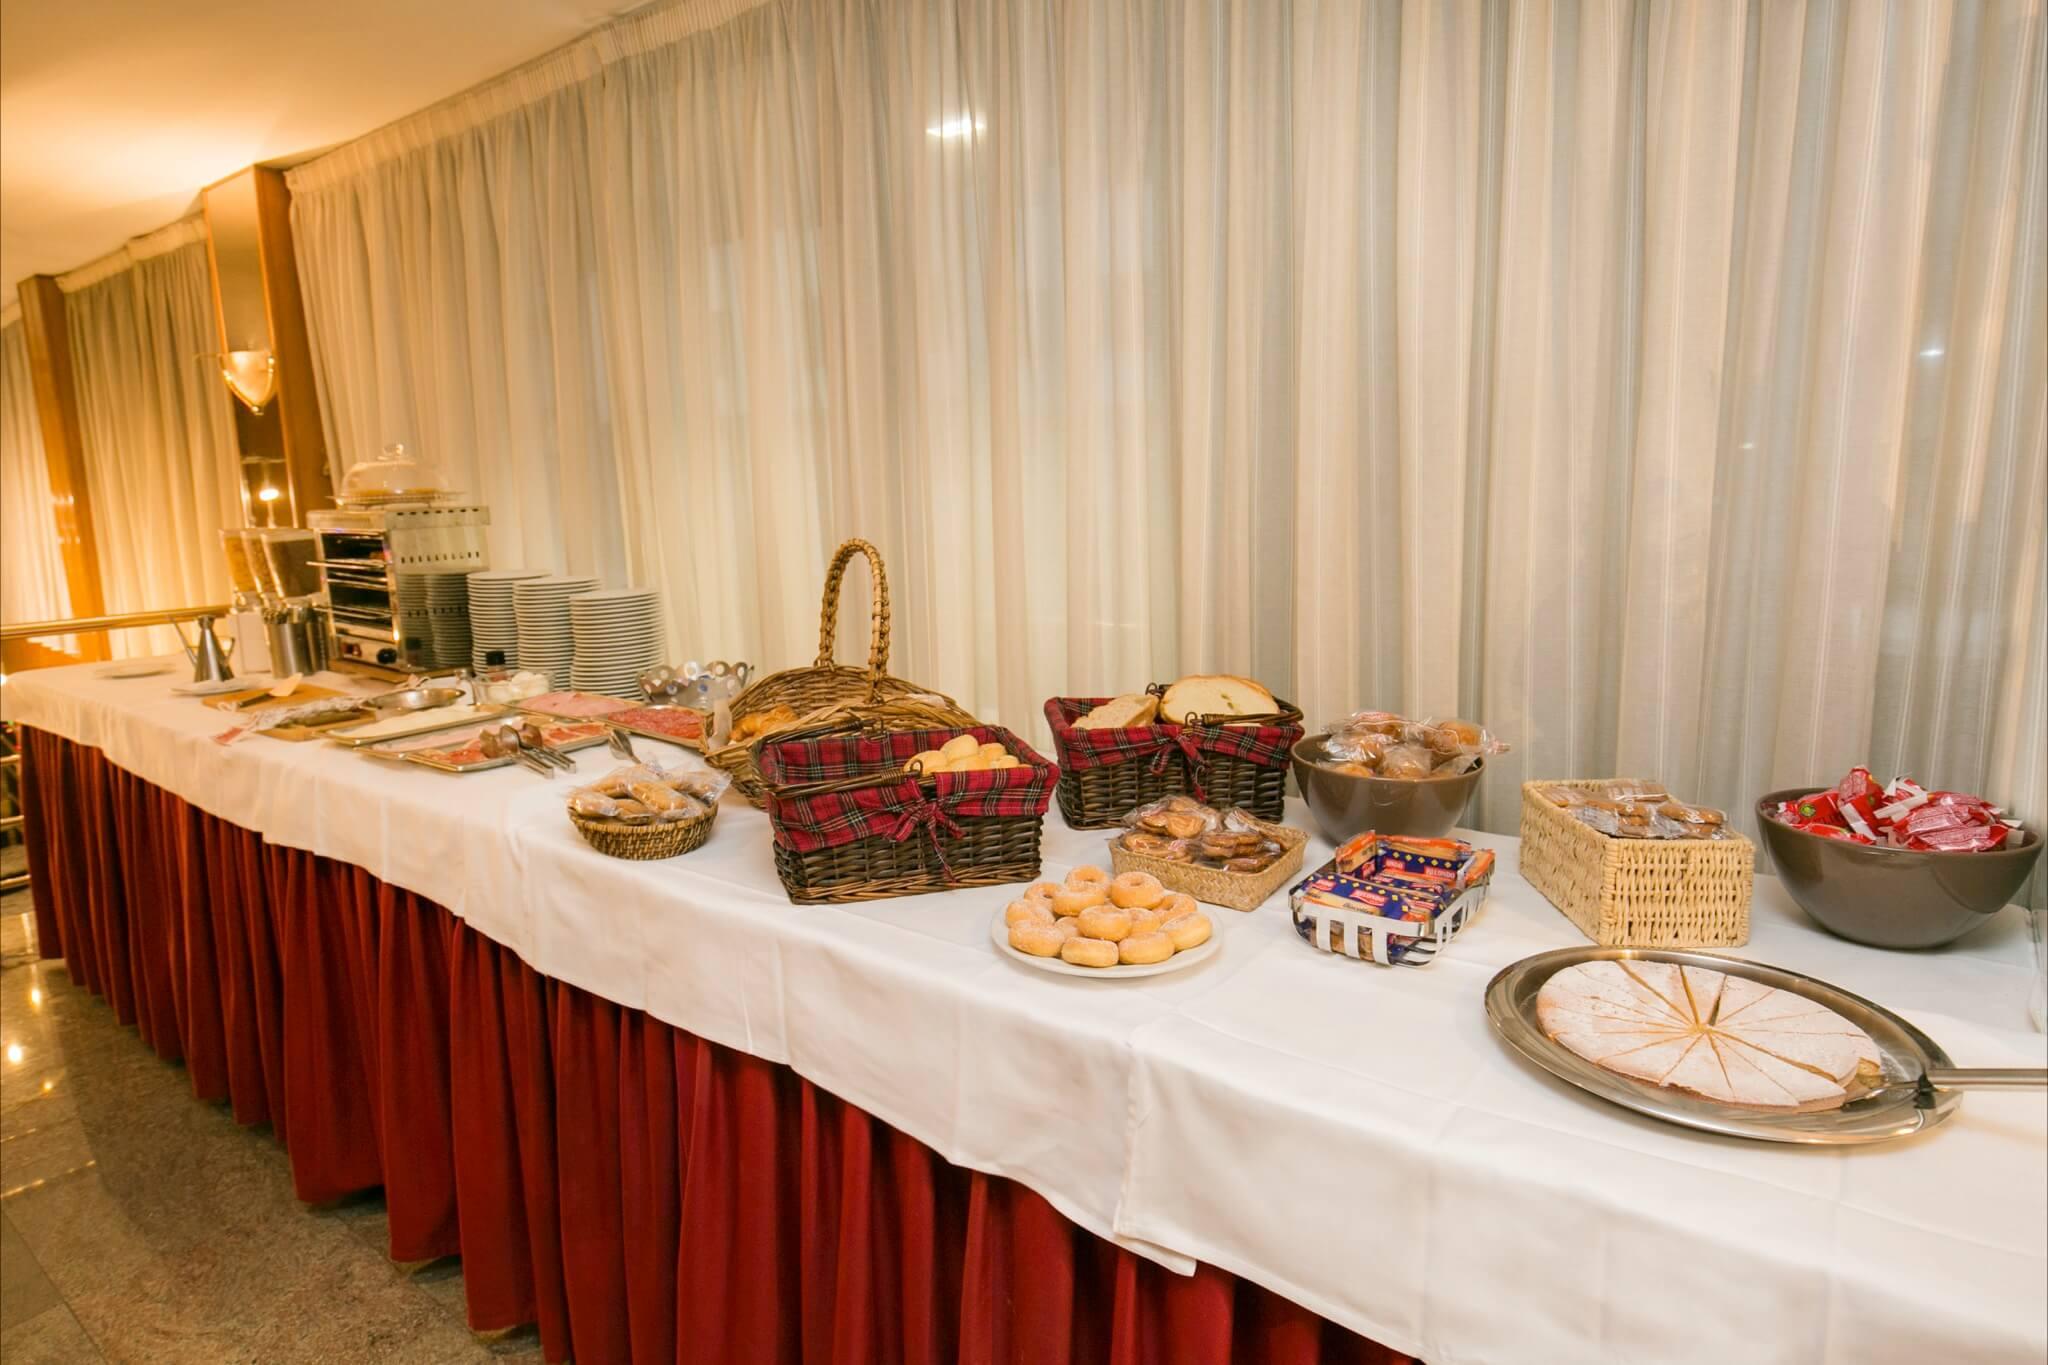 Imperial Bufet desayunos1_2048x1365